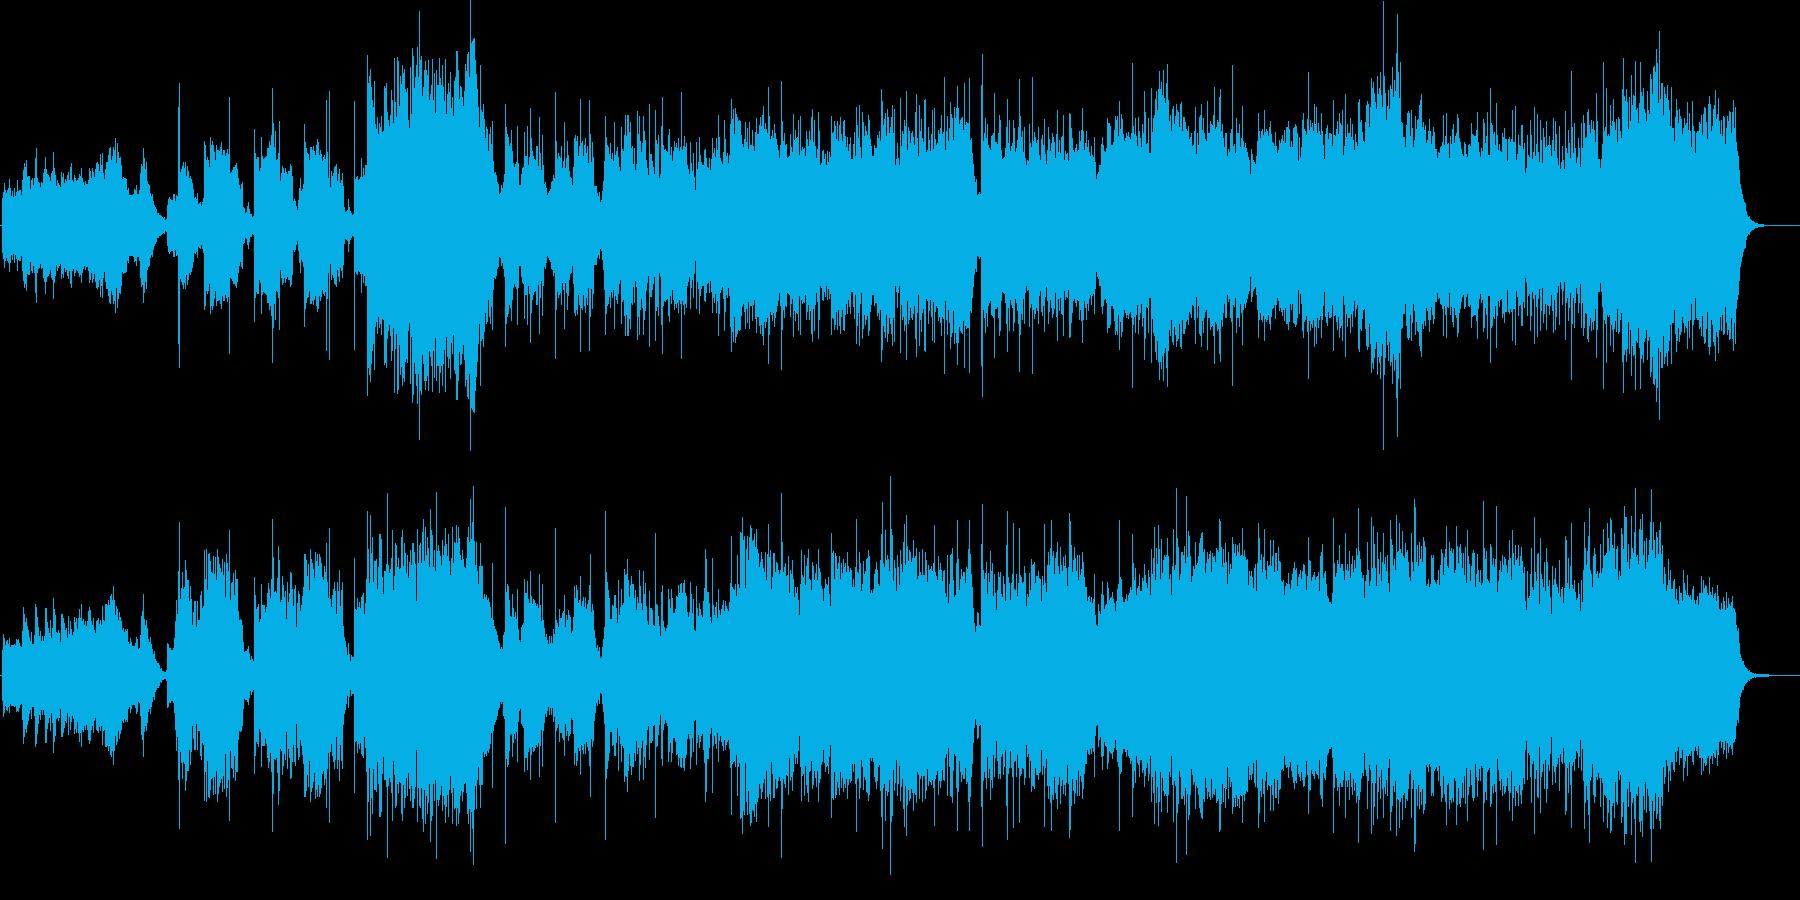 和風 サムライ 尺八 琴 和太鼓 ロックの再生済みの波形